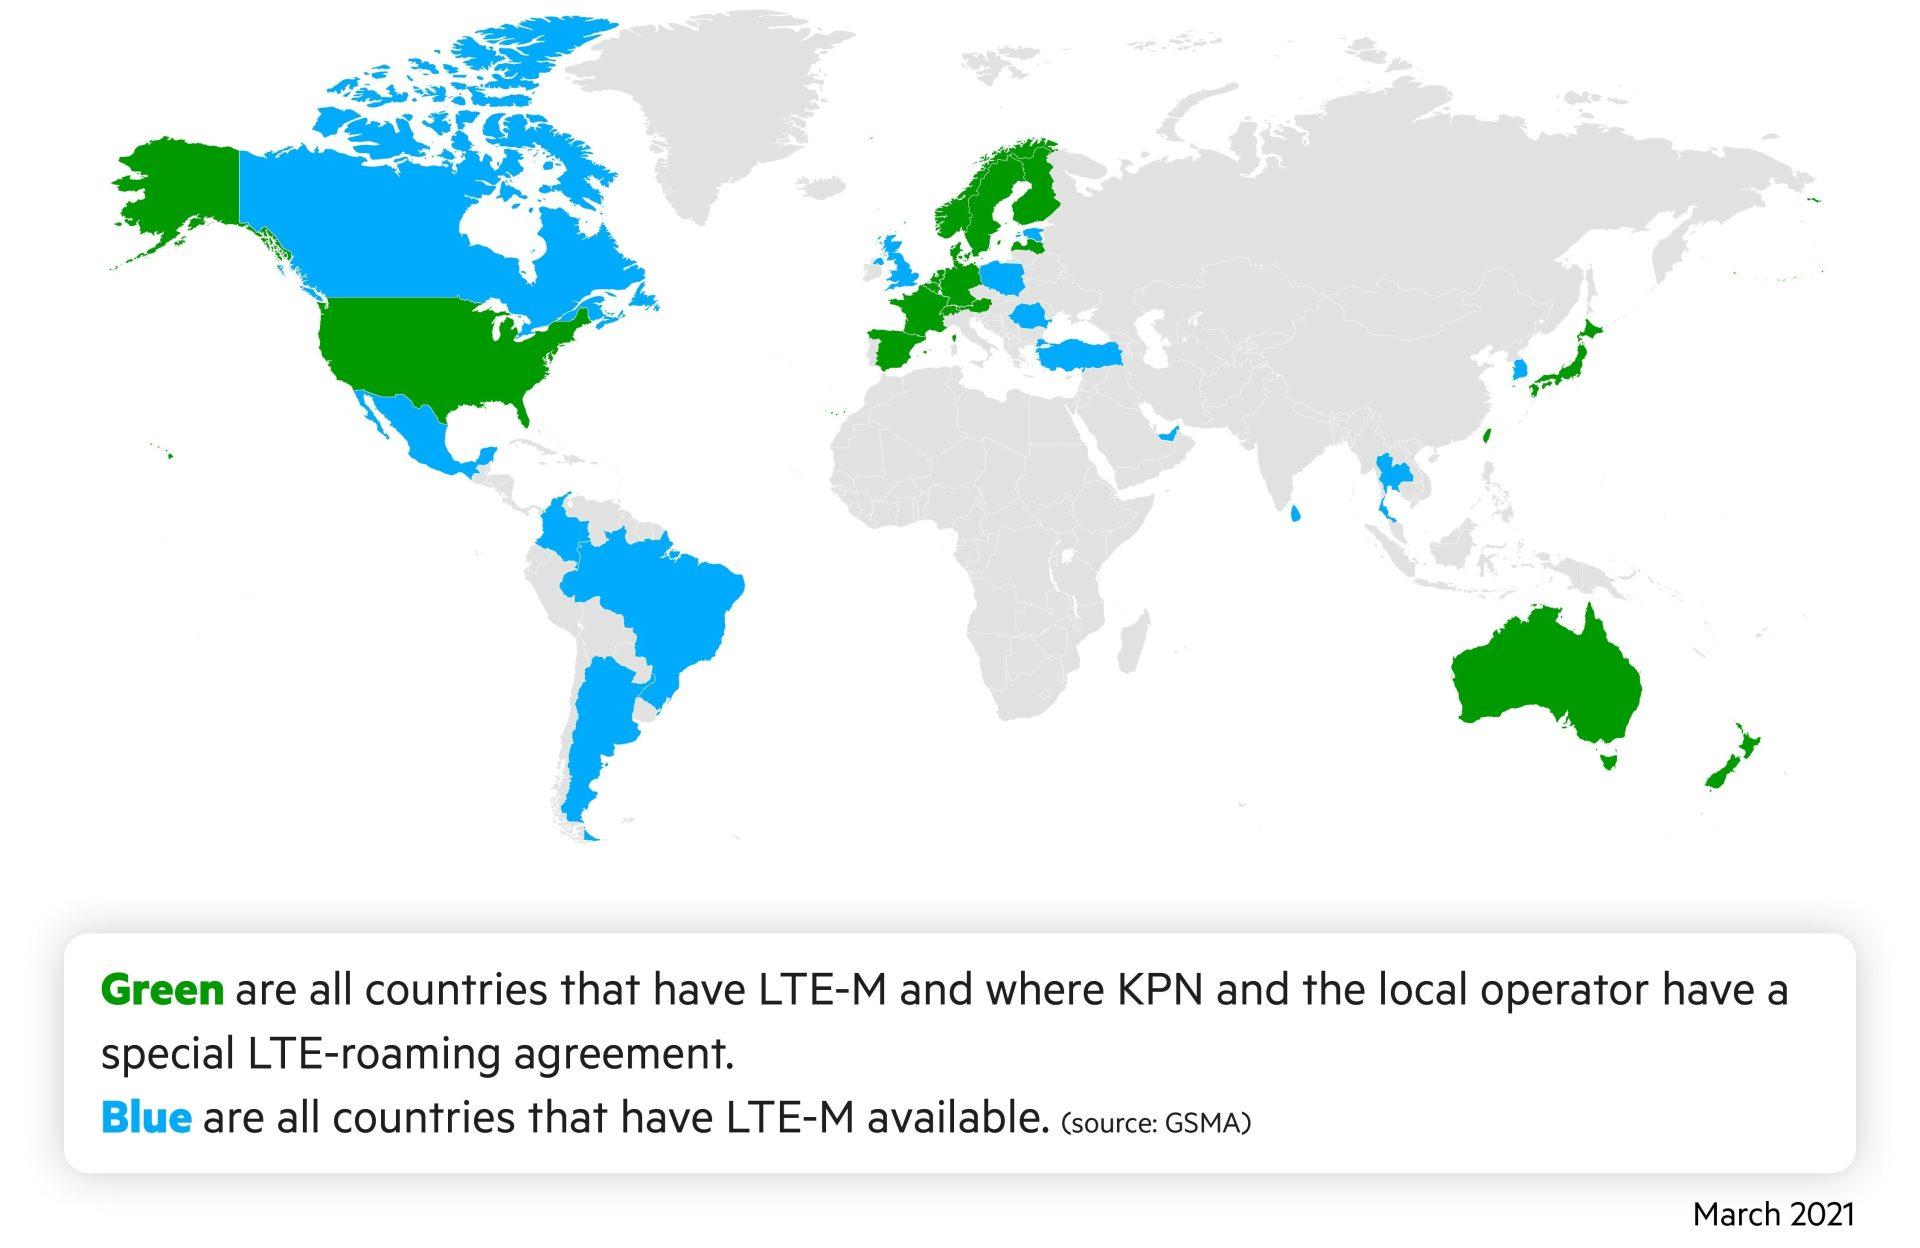 20210635 N KPN WERELDKAART GLOBAL LTE M NETWORKS A4 ONLINE LINKED IN V2 4 ZONDER TITEL